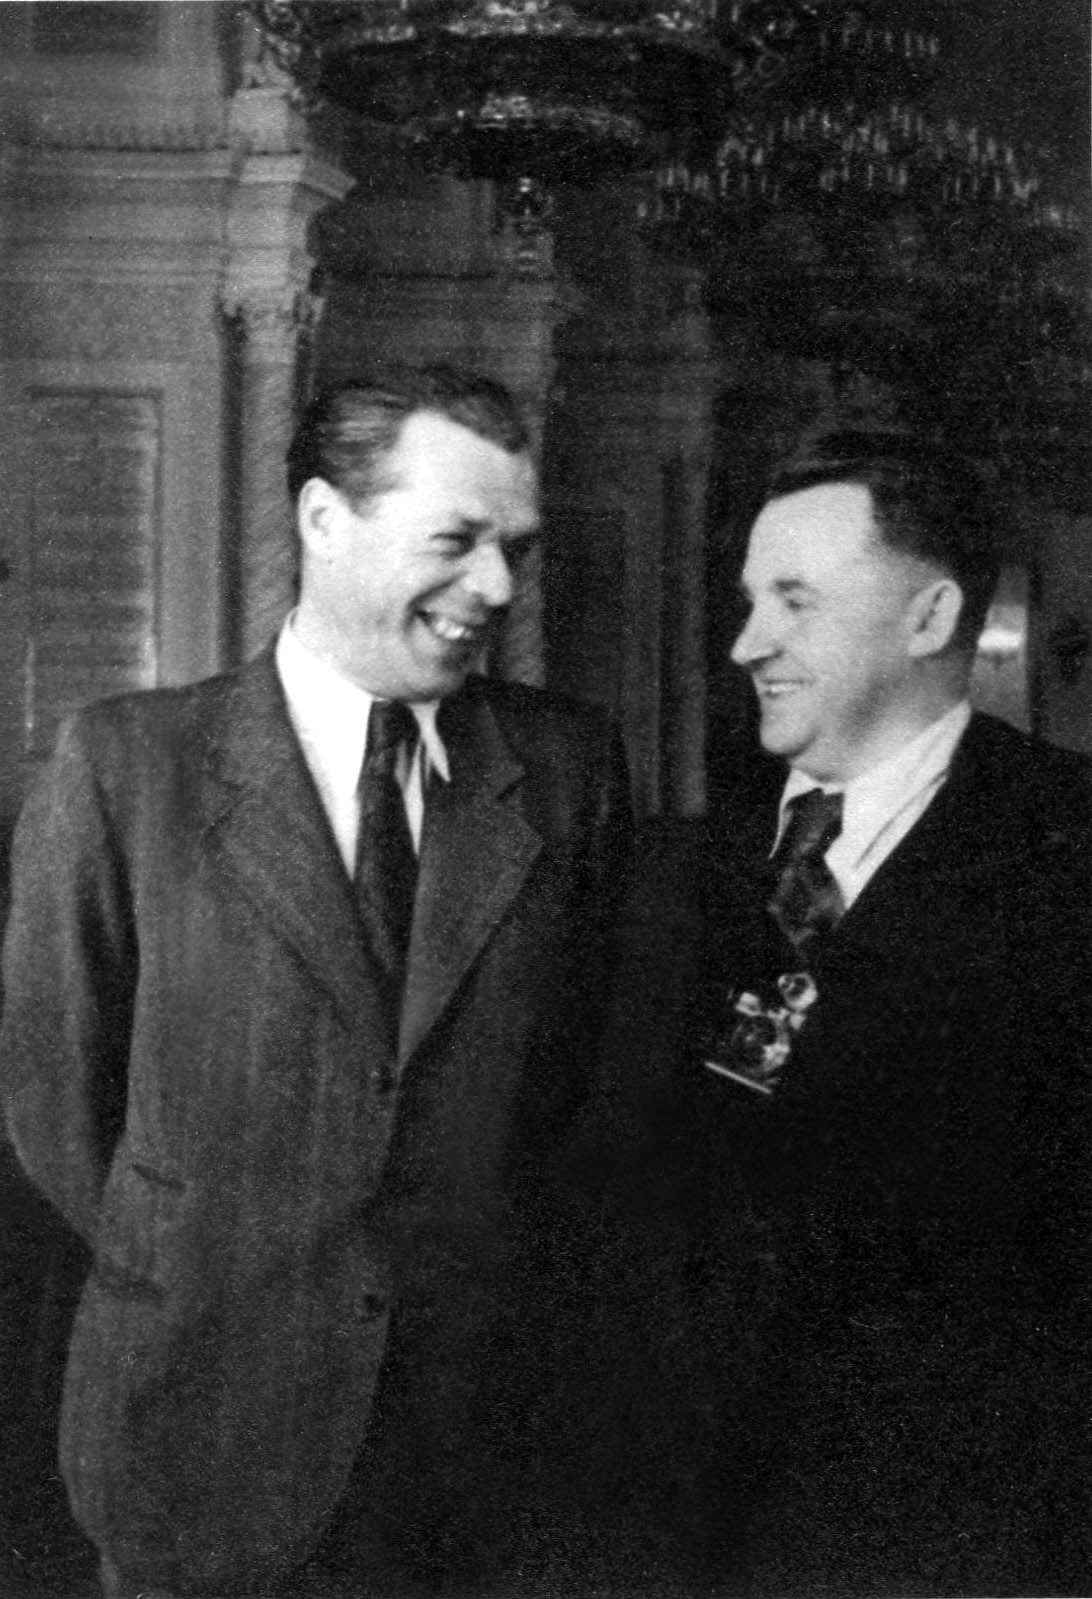 Экспонат #39. В Георгиевском зале БКД. 1948 год